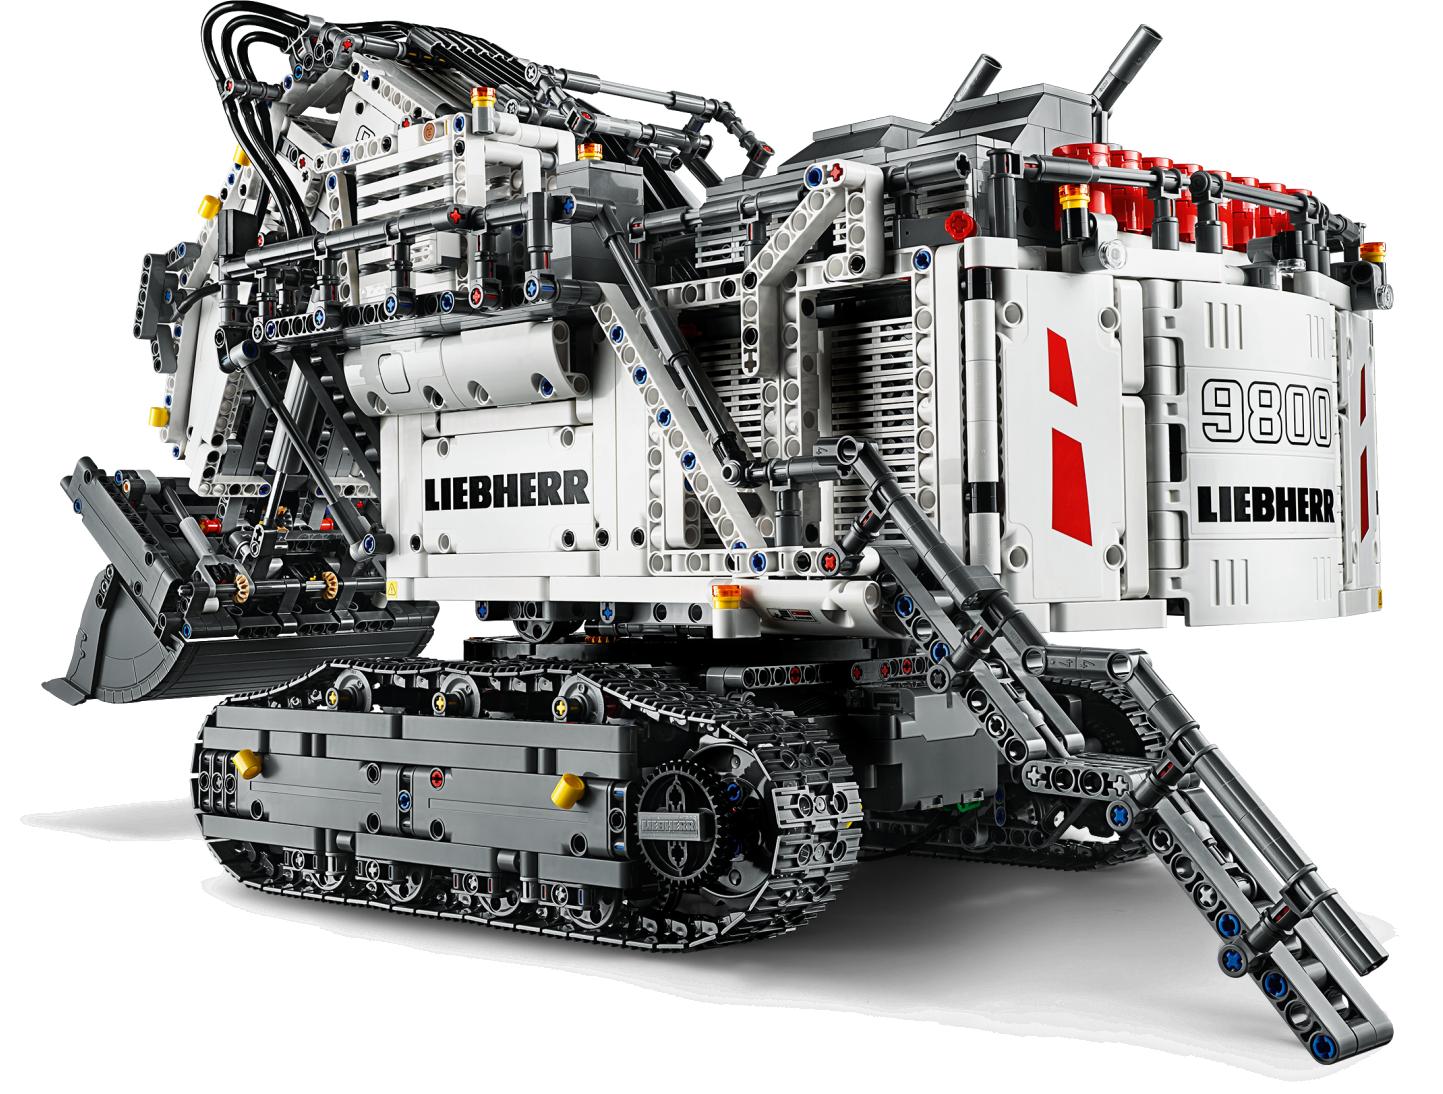 Liebherr R 9800 Excavator